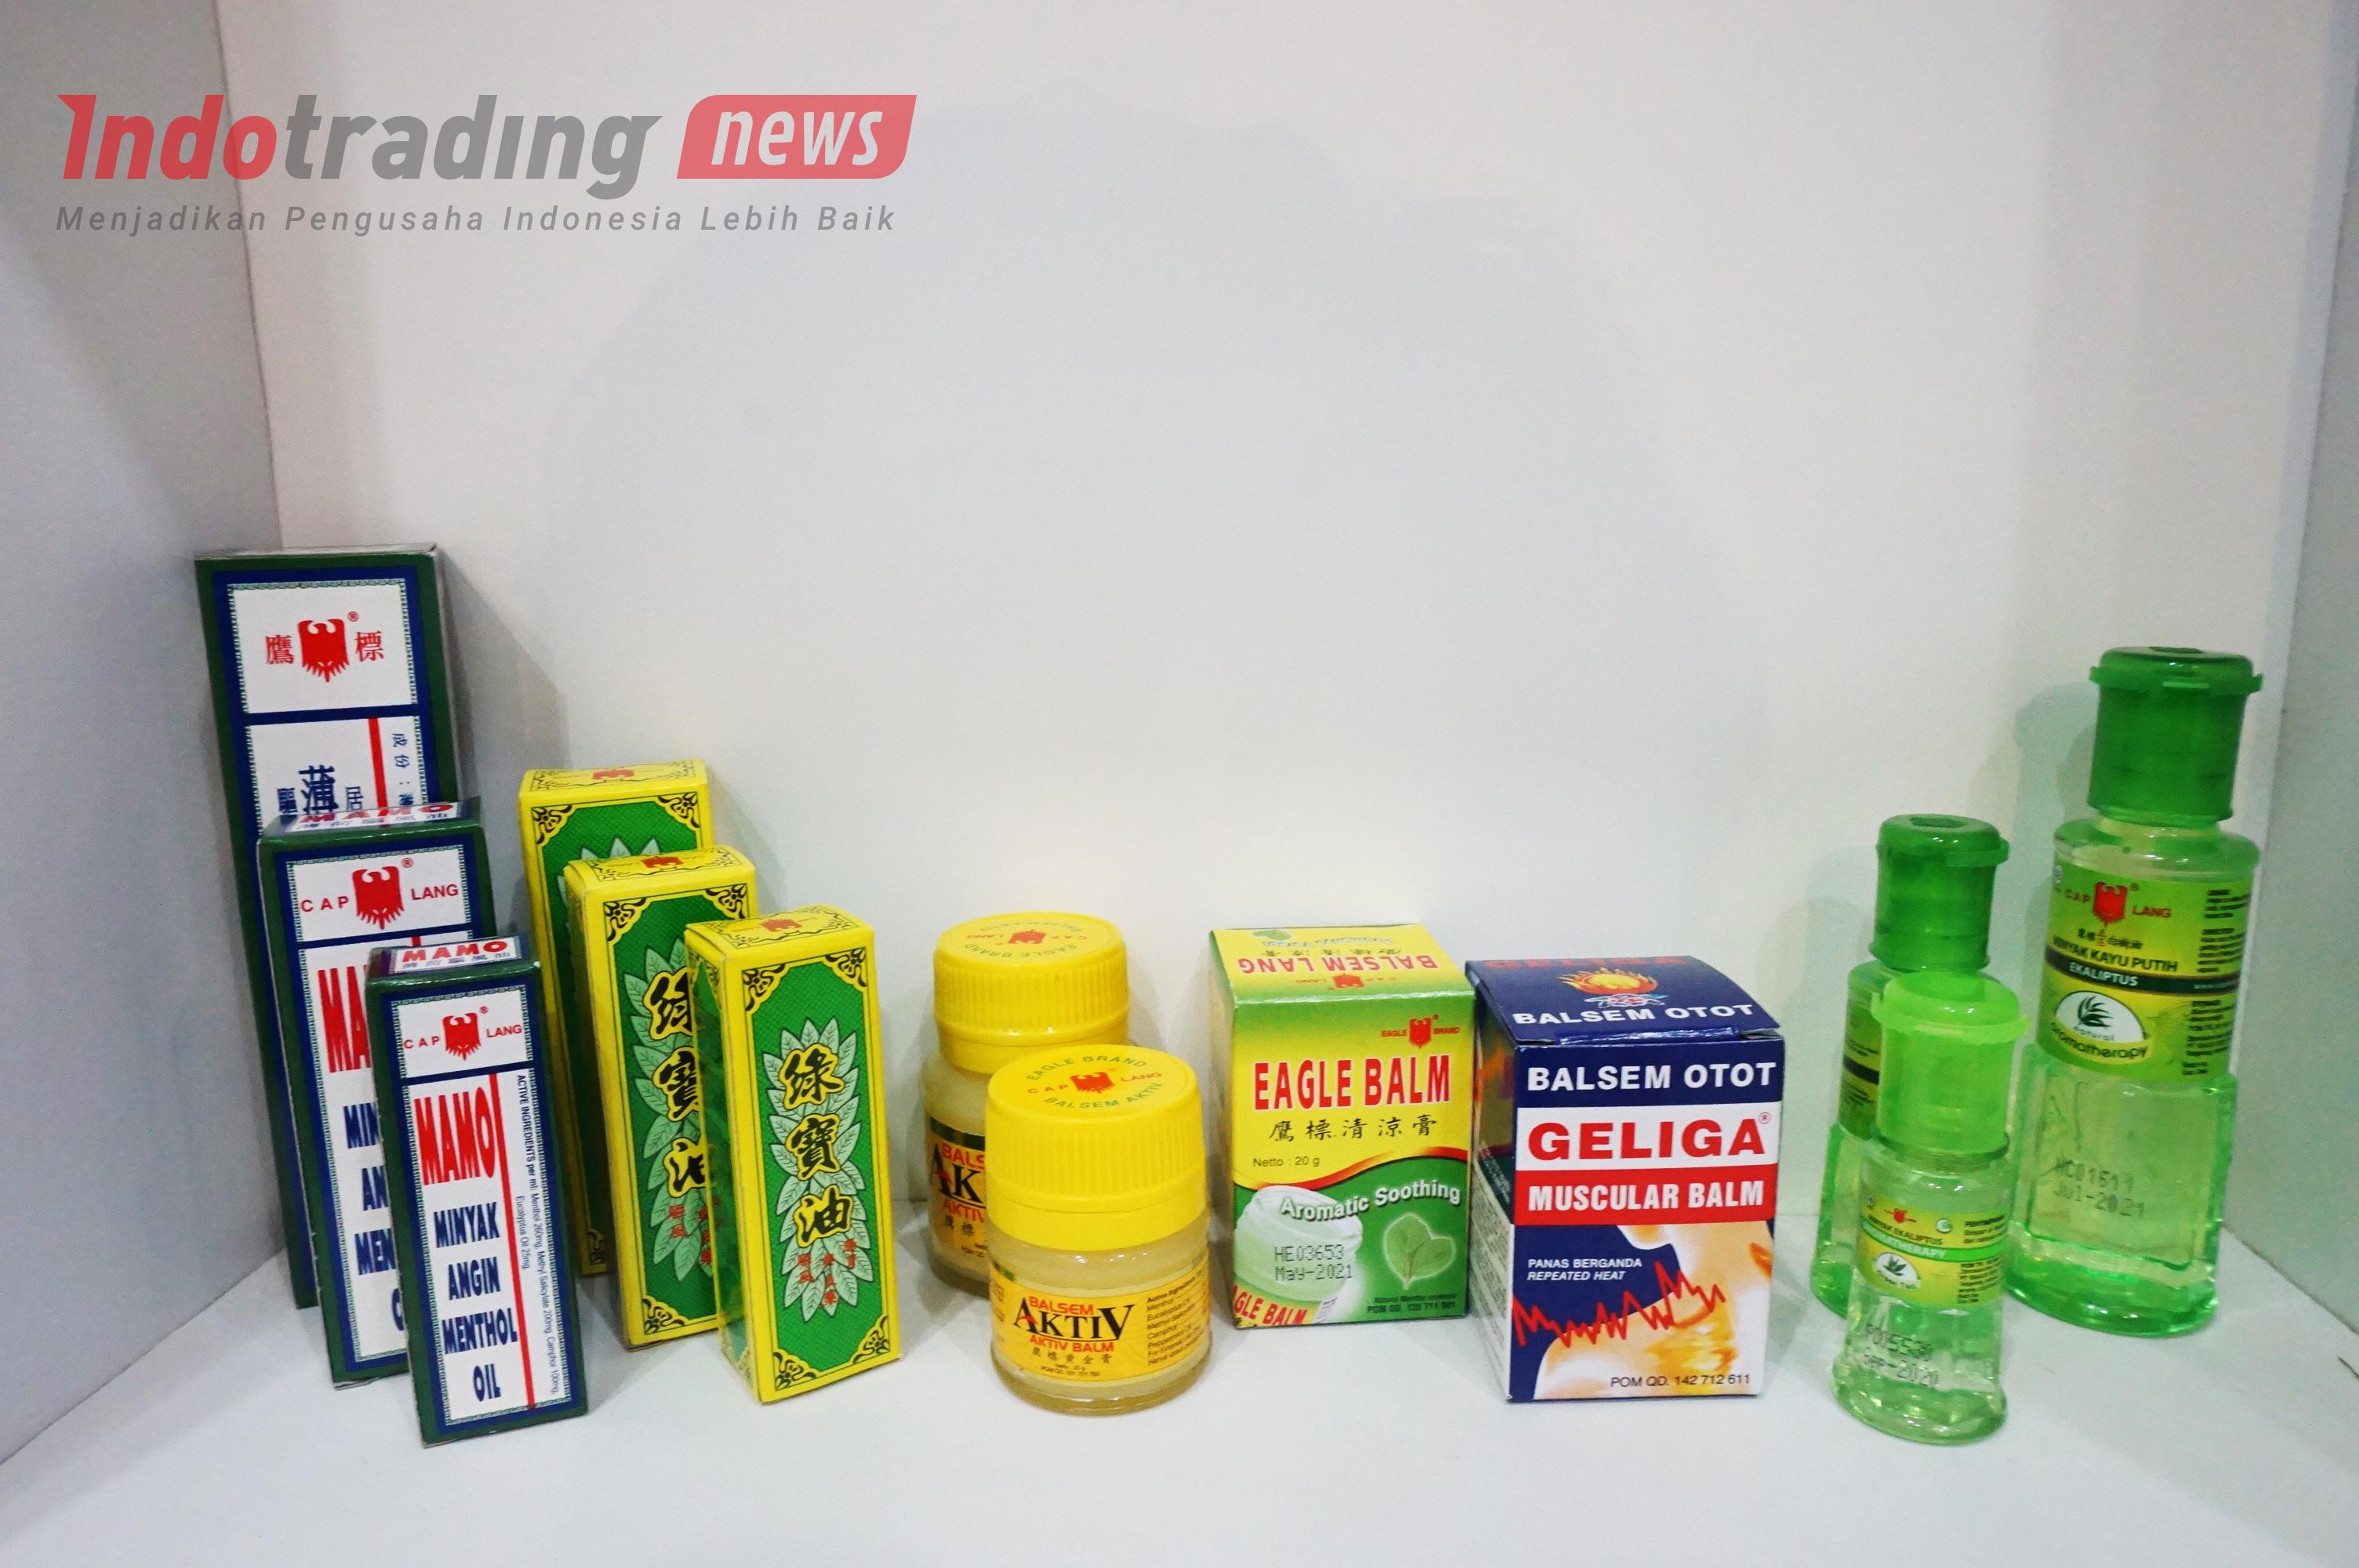 Foto: Berbagai macam produk Cap Lang produksi PT Eagle Indo Pharma/Dok: indotrading.com